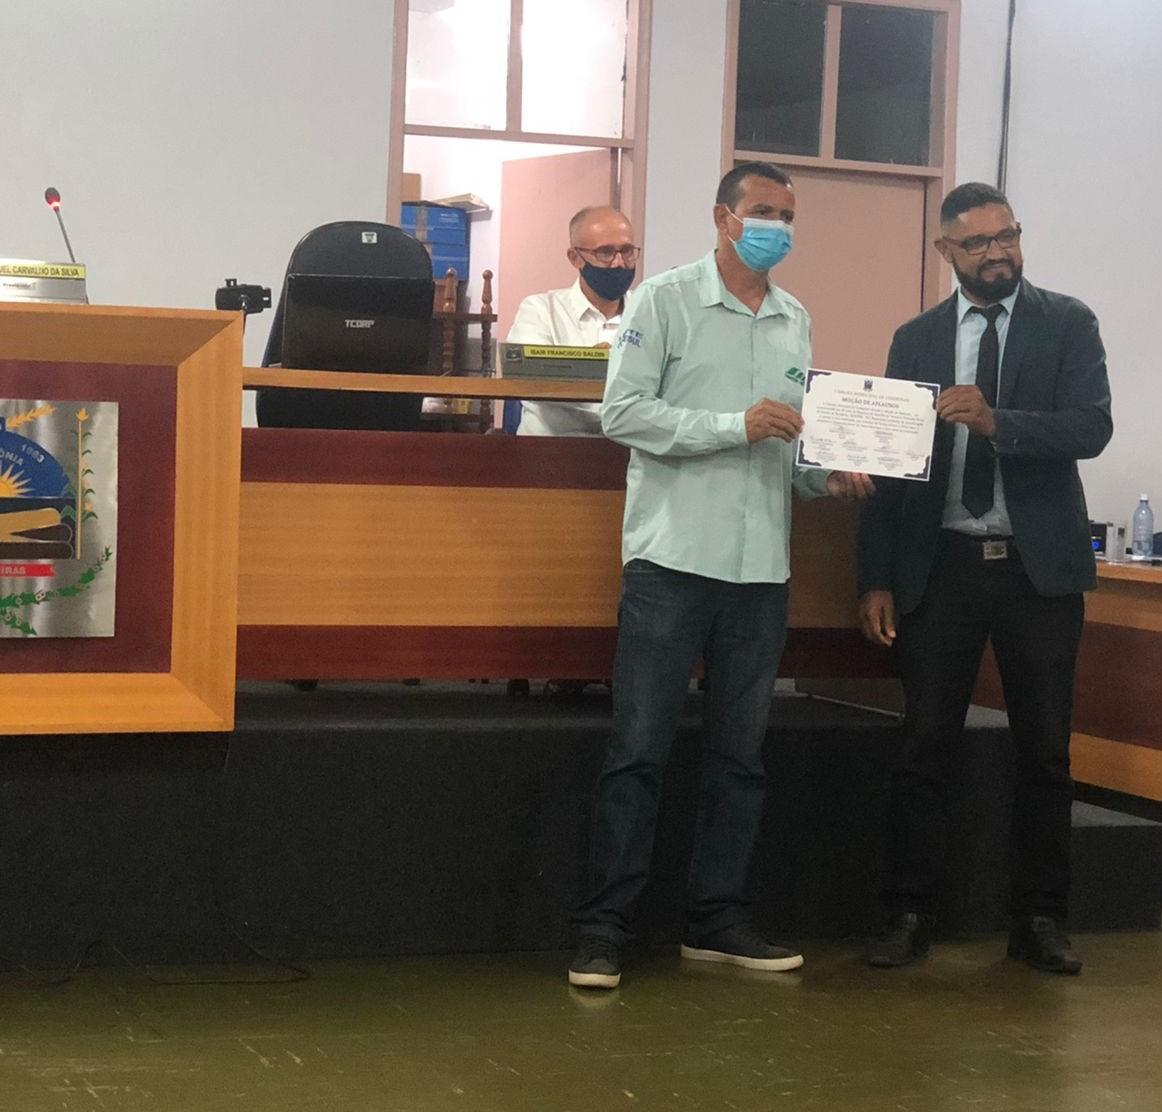 Sandro Malta recebendo a placa de homenagem do presidente da câmara de vereadores Samuel Carvalho